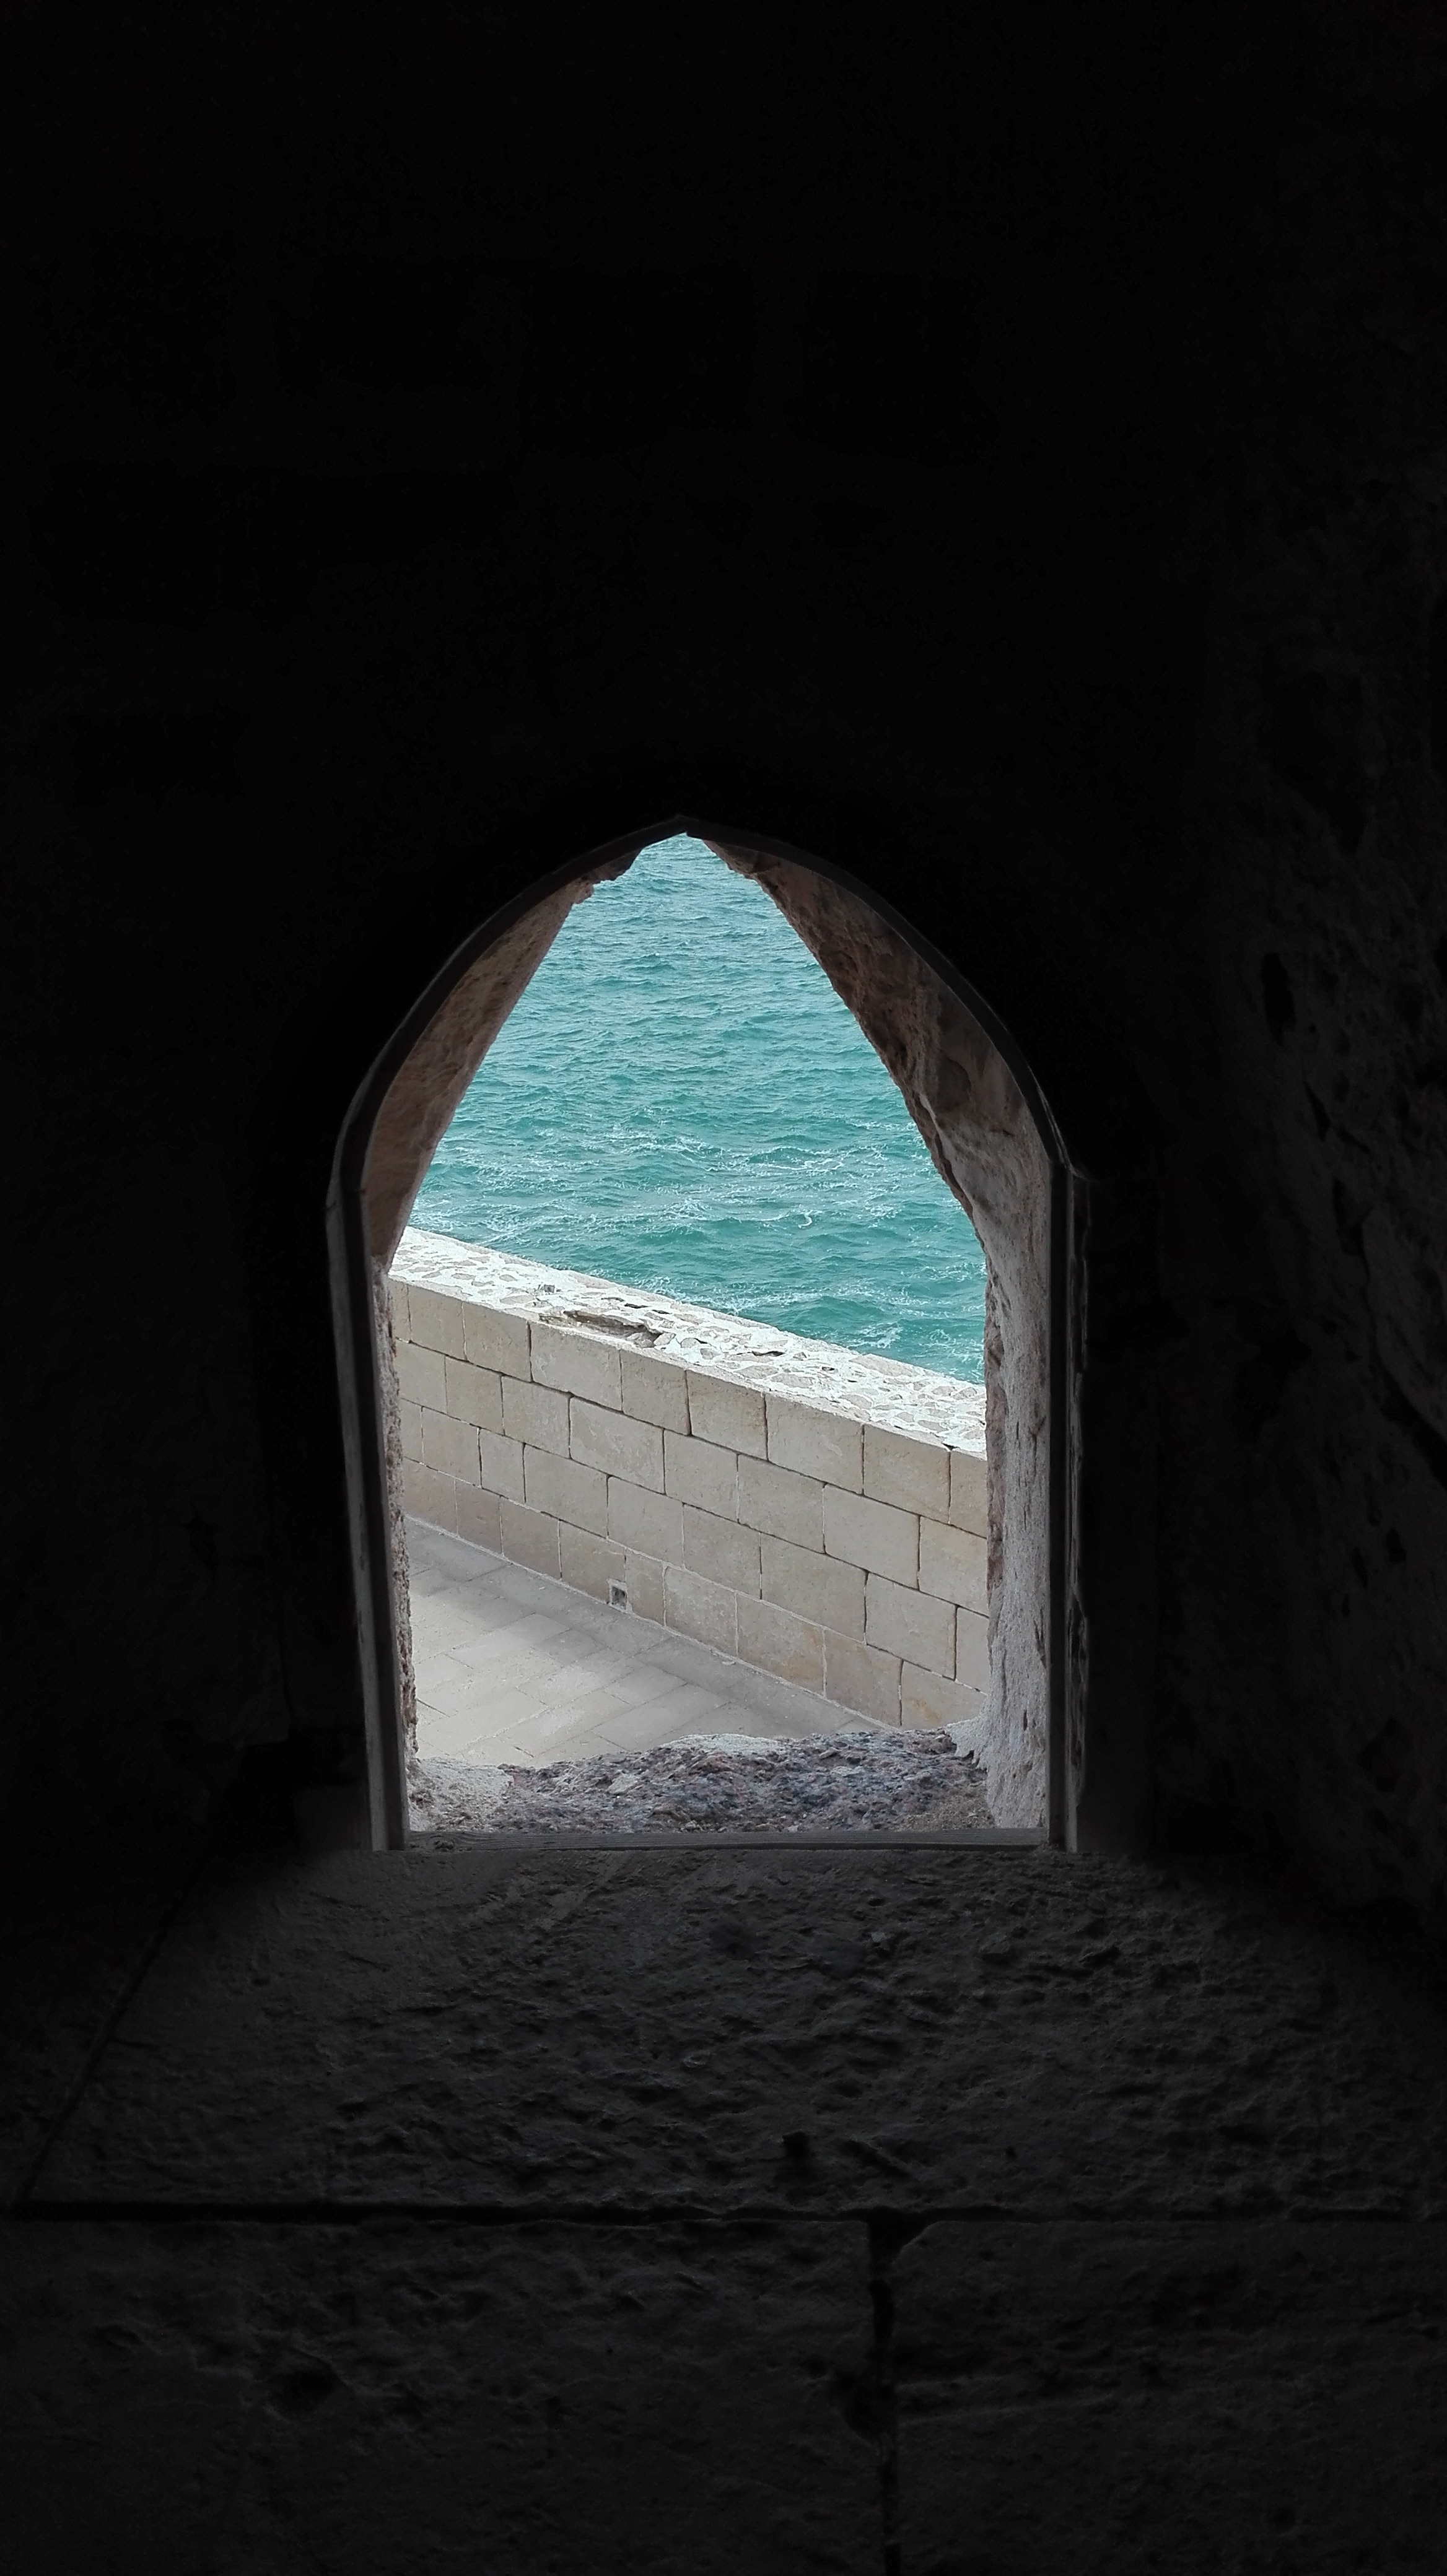 walls_2